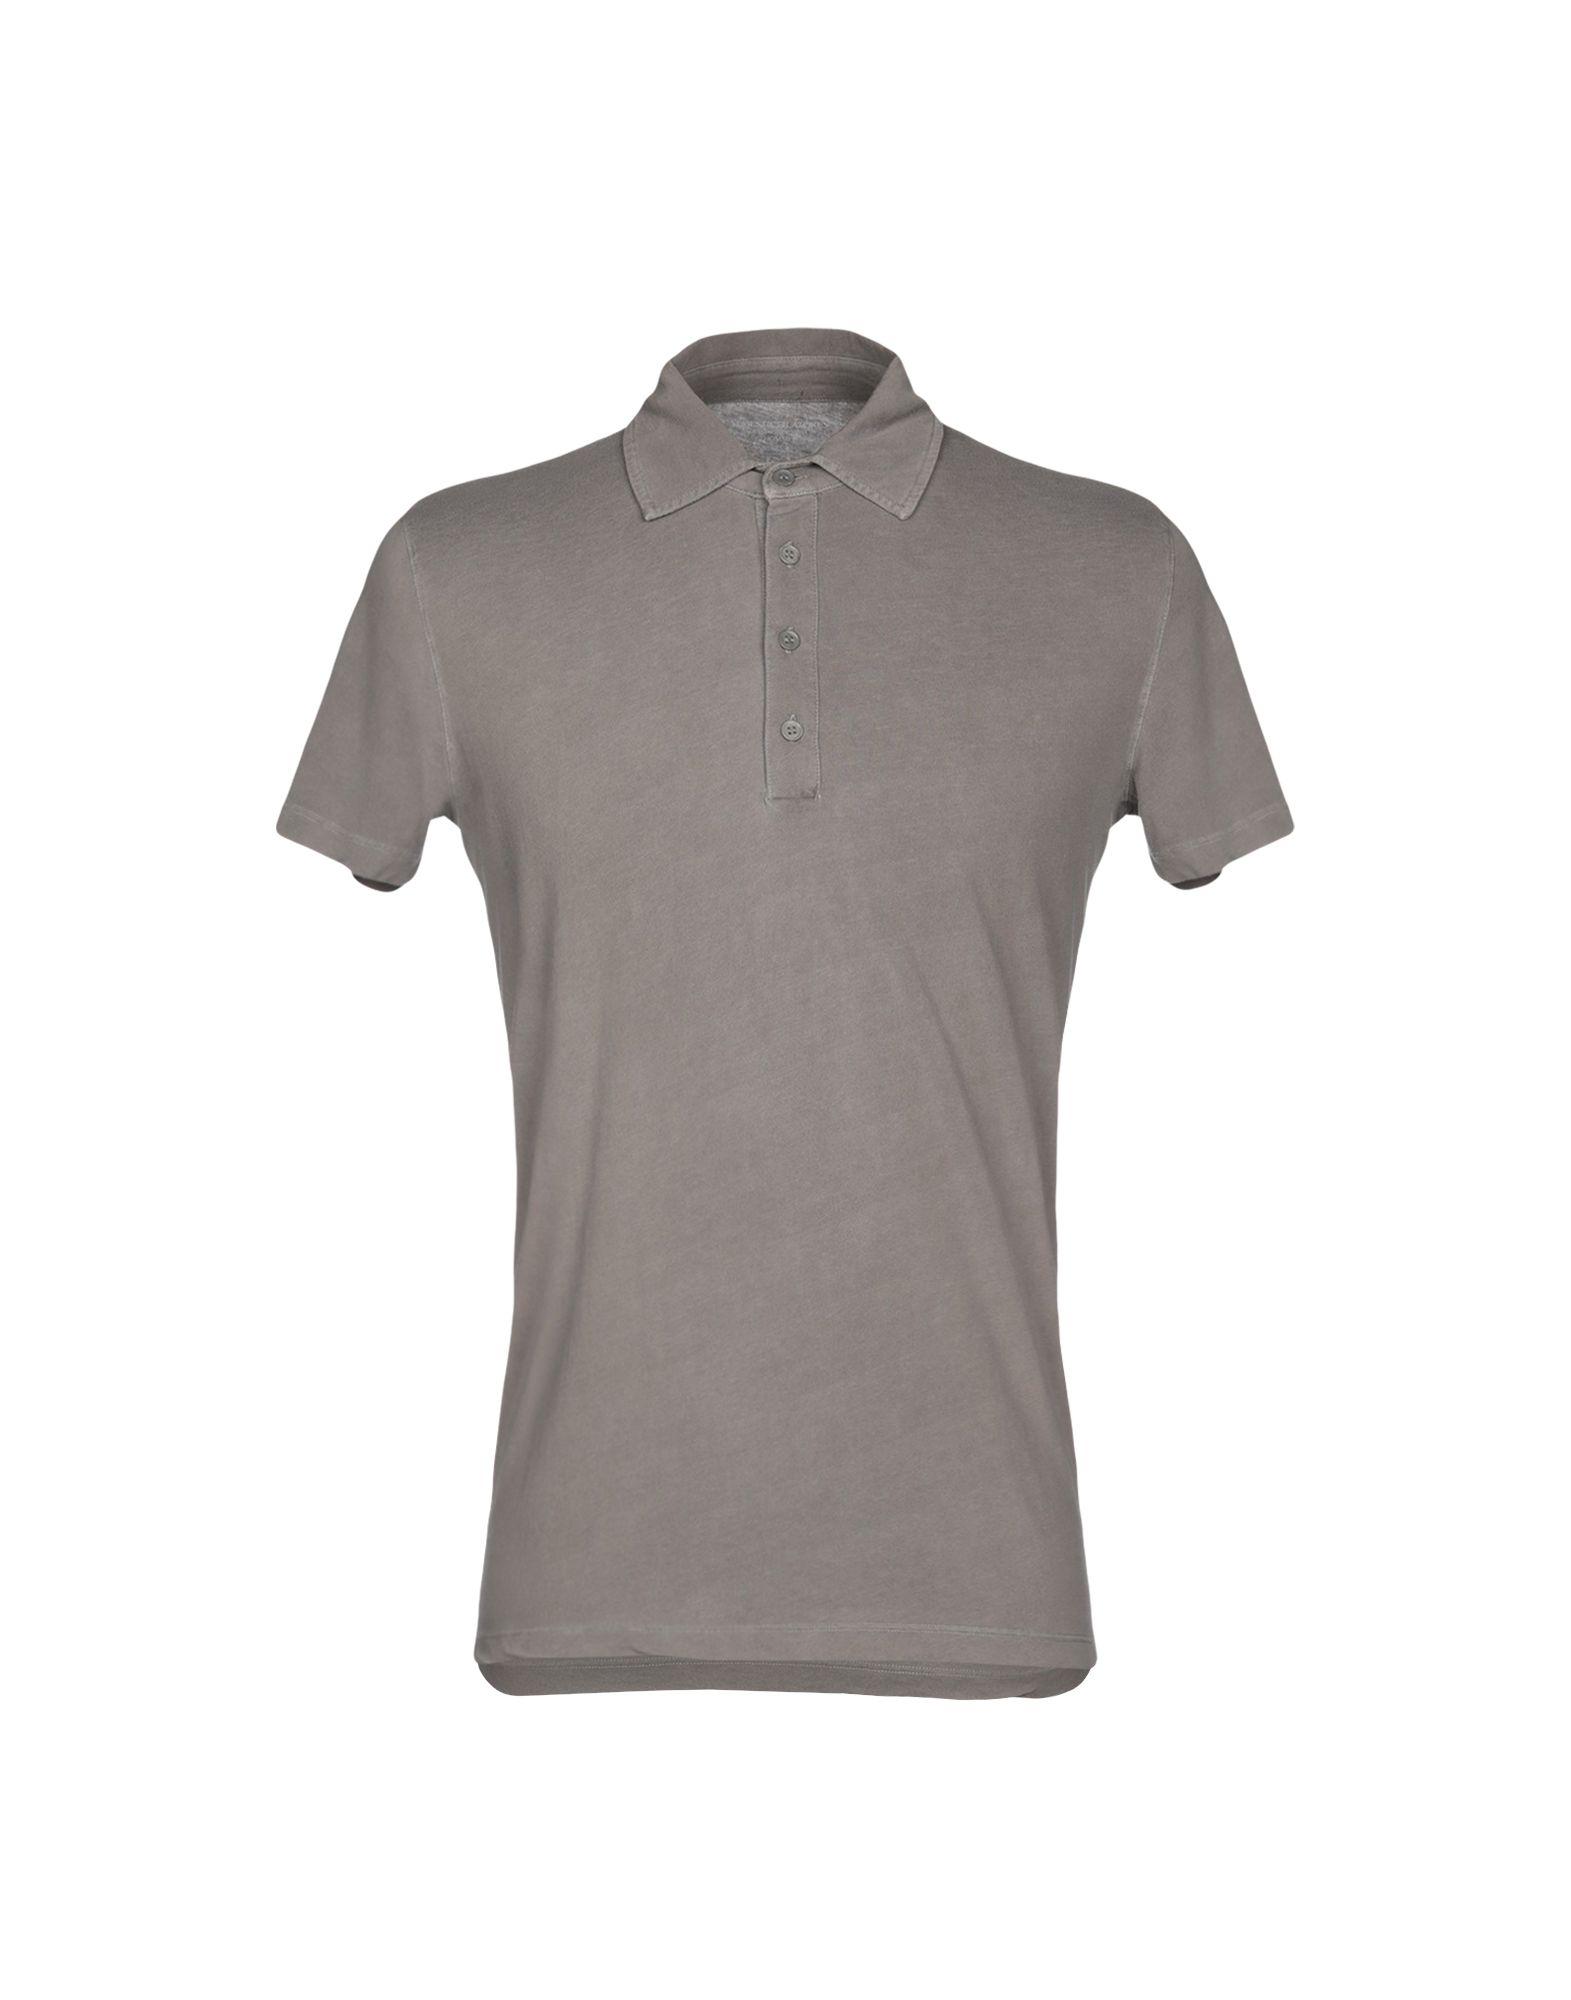 《期間限定セール開催中!》MAJESTIC FILATURES メンズ ポロシャツ グレー M コットン 94% / ポリウレタン 6%